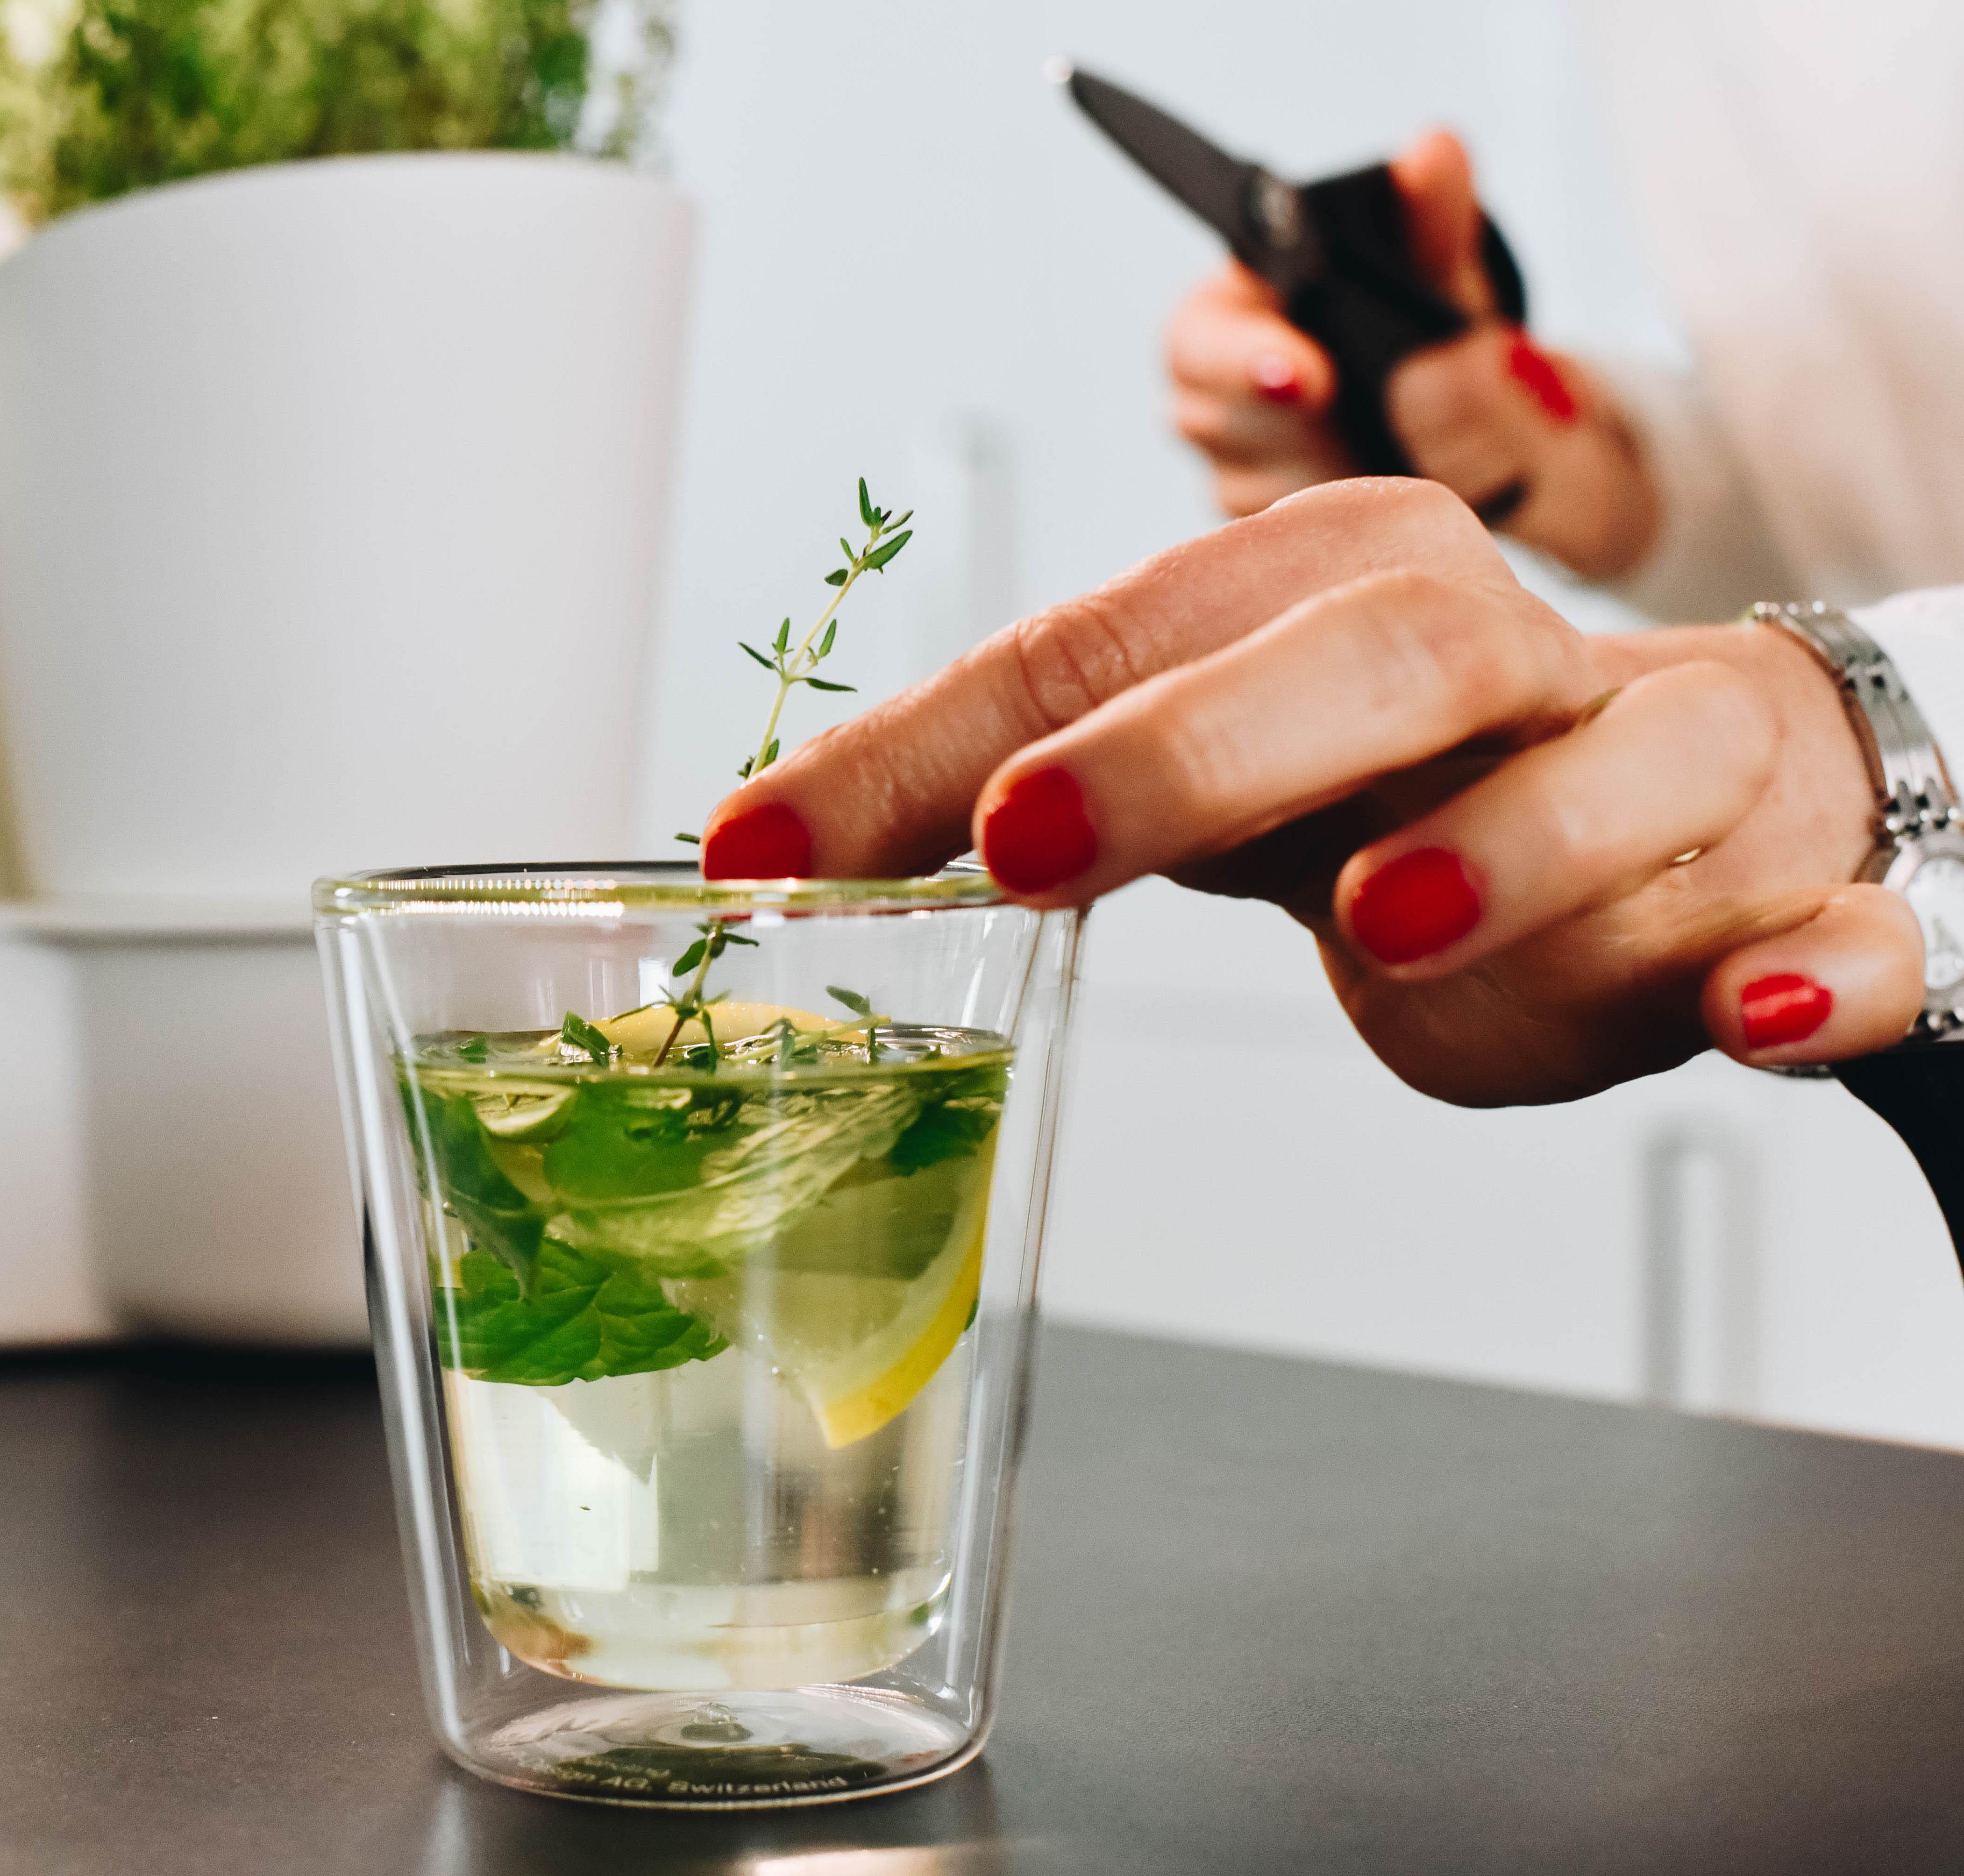 terra calla smart fresh herb indoor garden. Black Bedroom Furniture Sets. Home Design Ideas